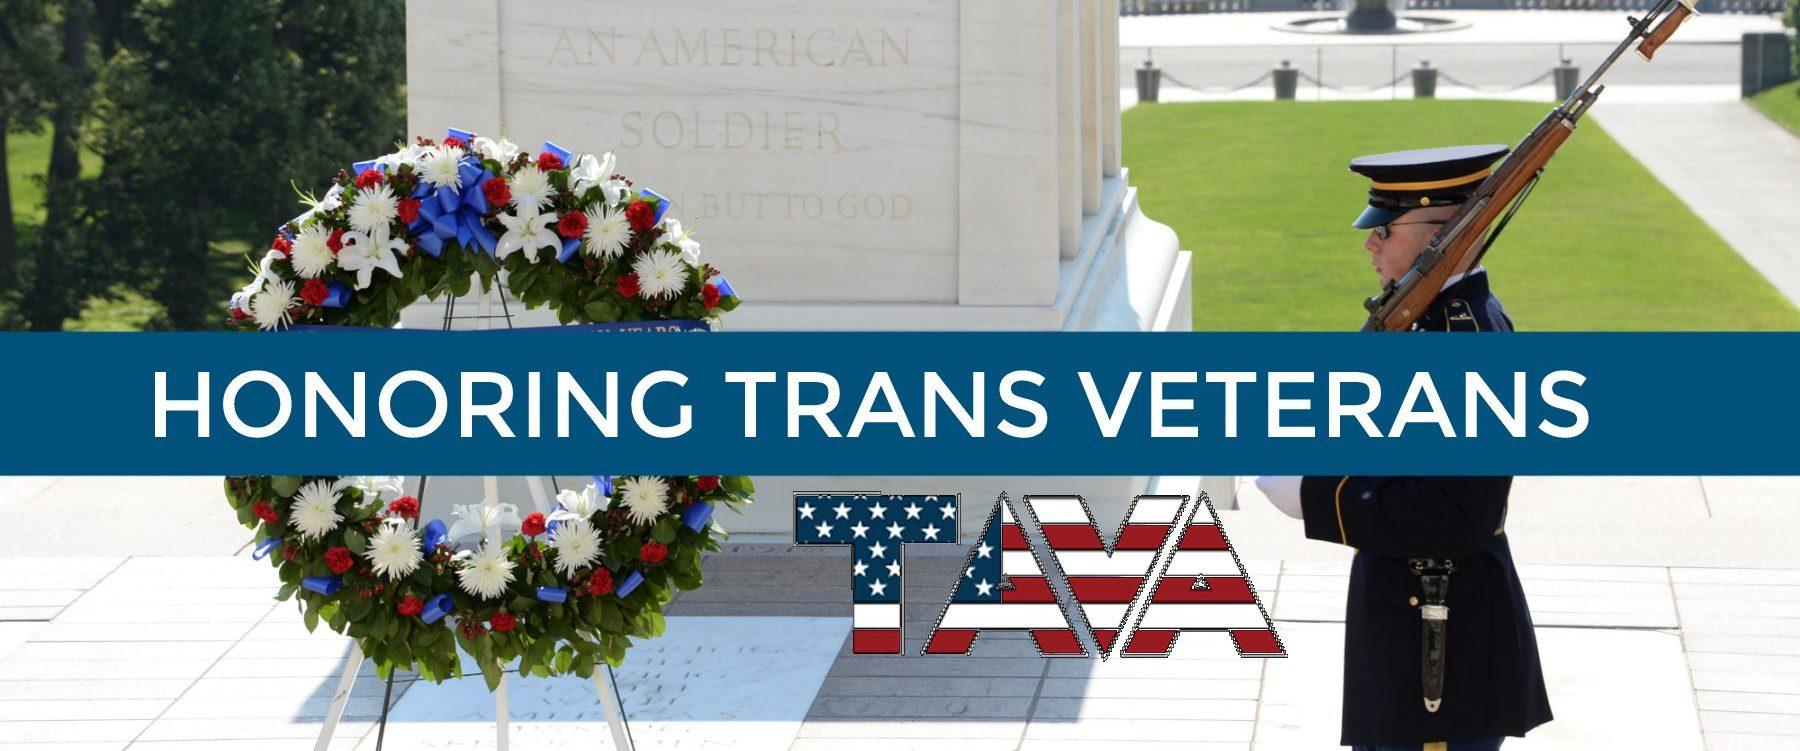 Honoring Transgender Veterans